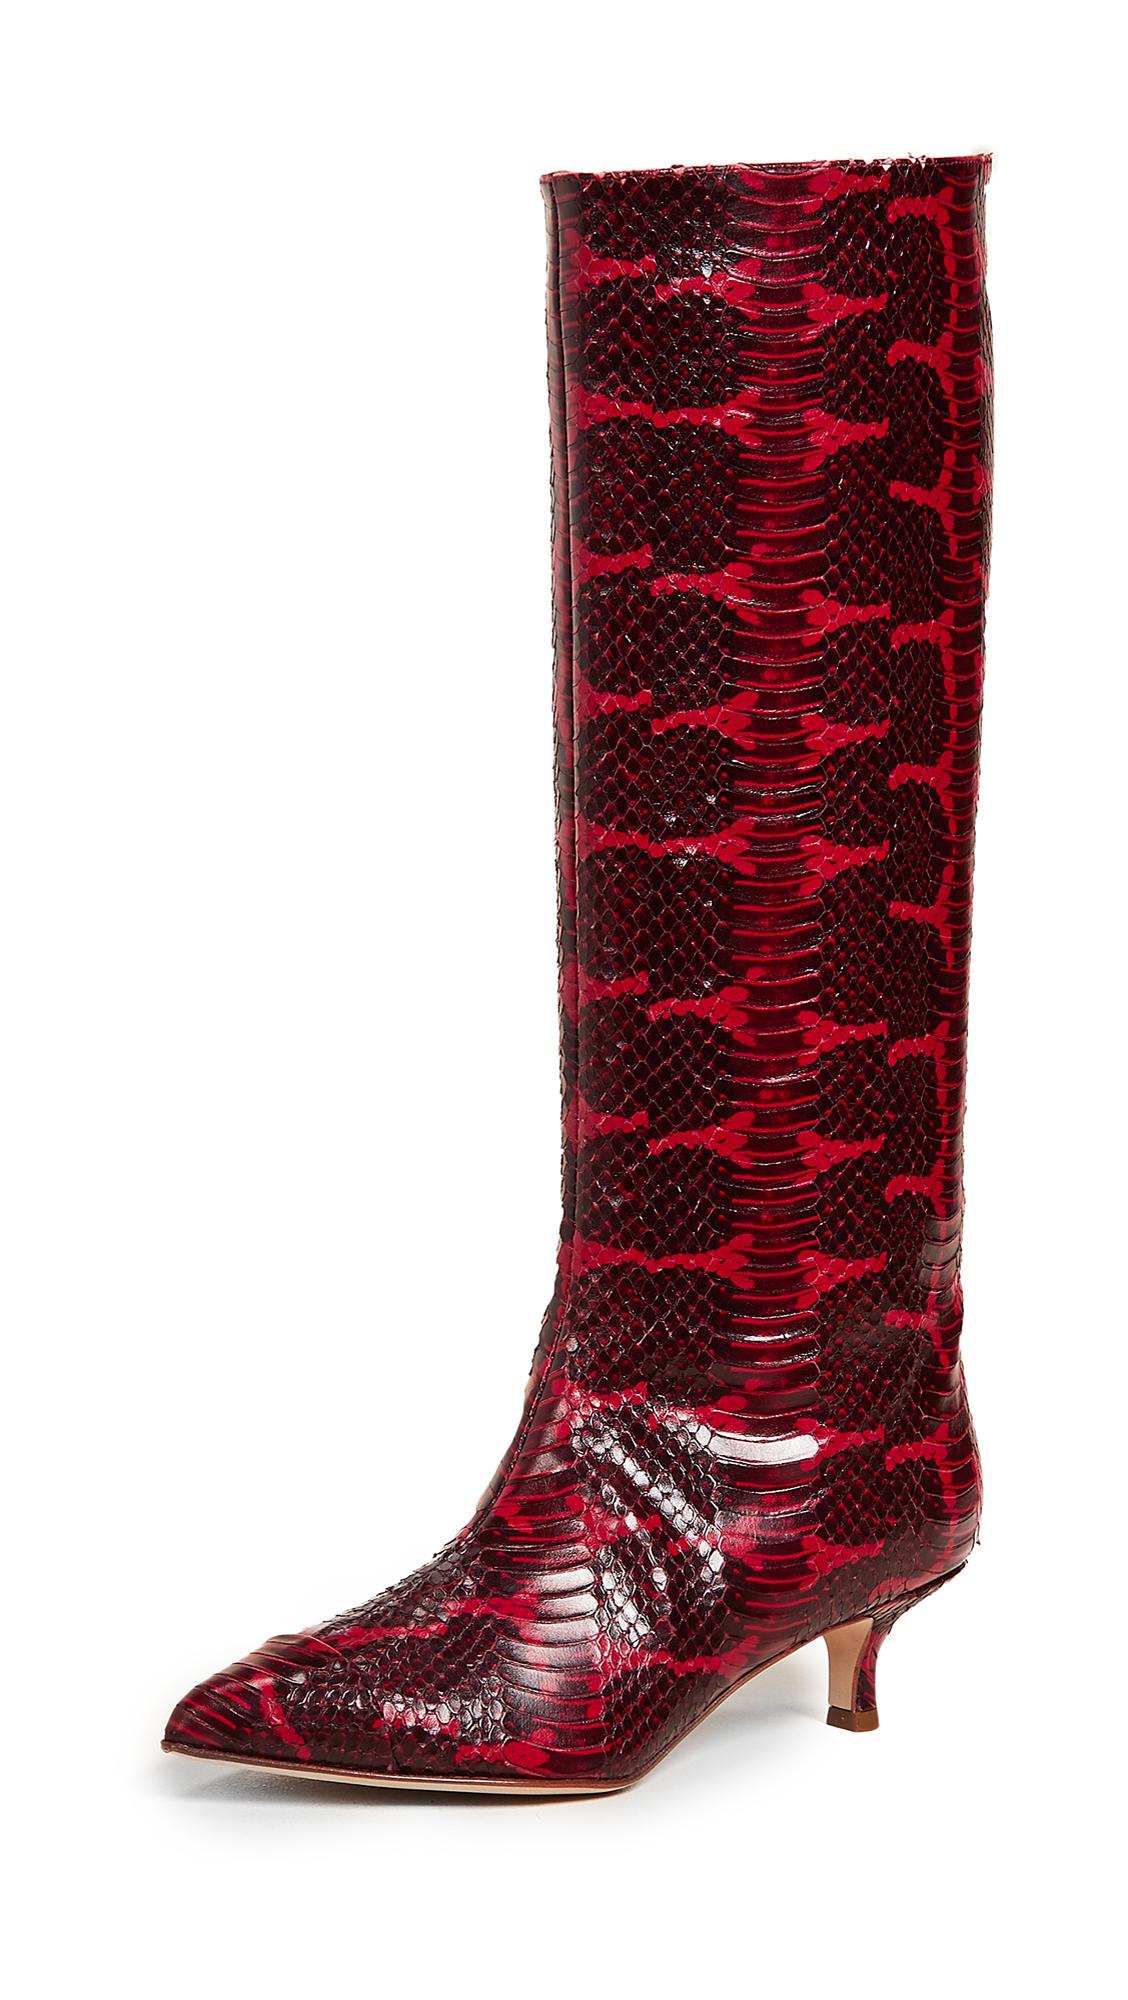 Tibi Hart Boots - Cherry Red